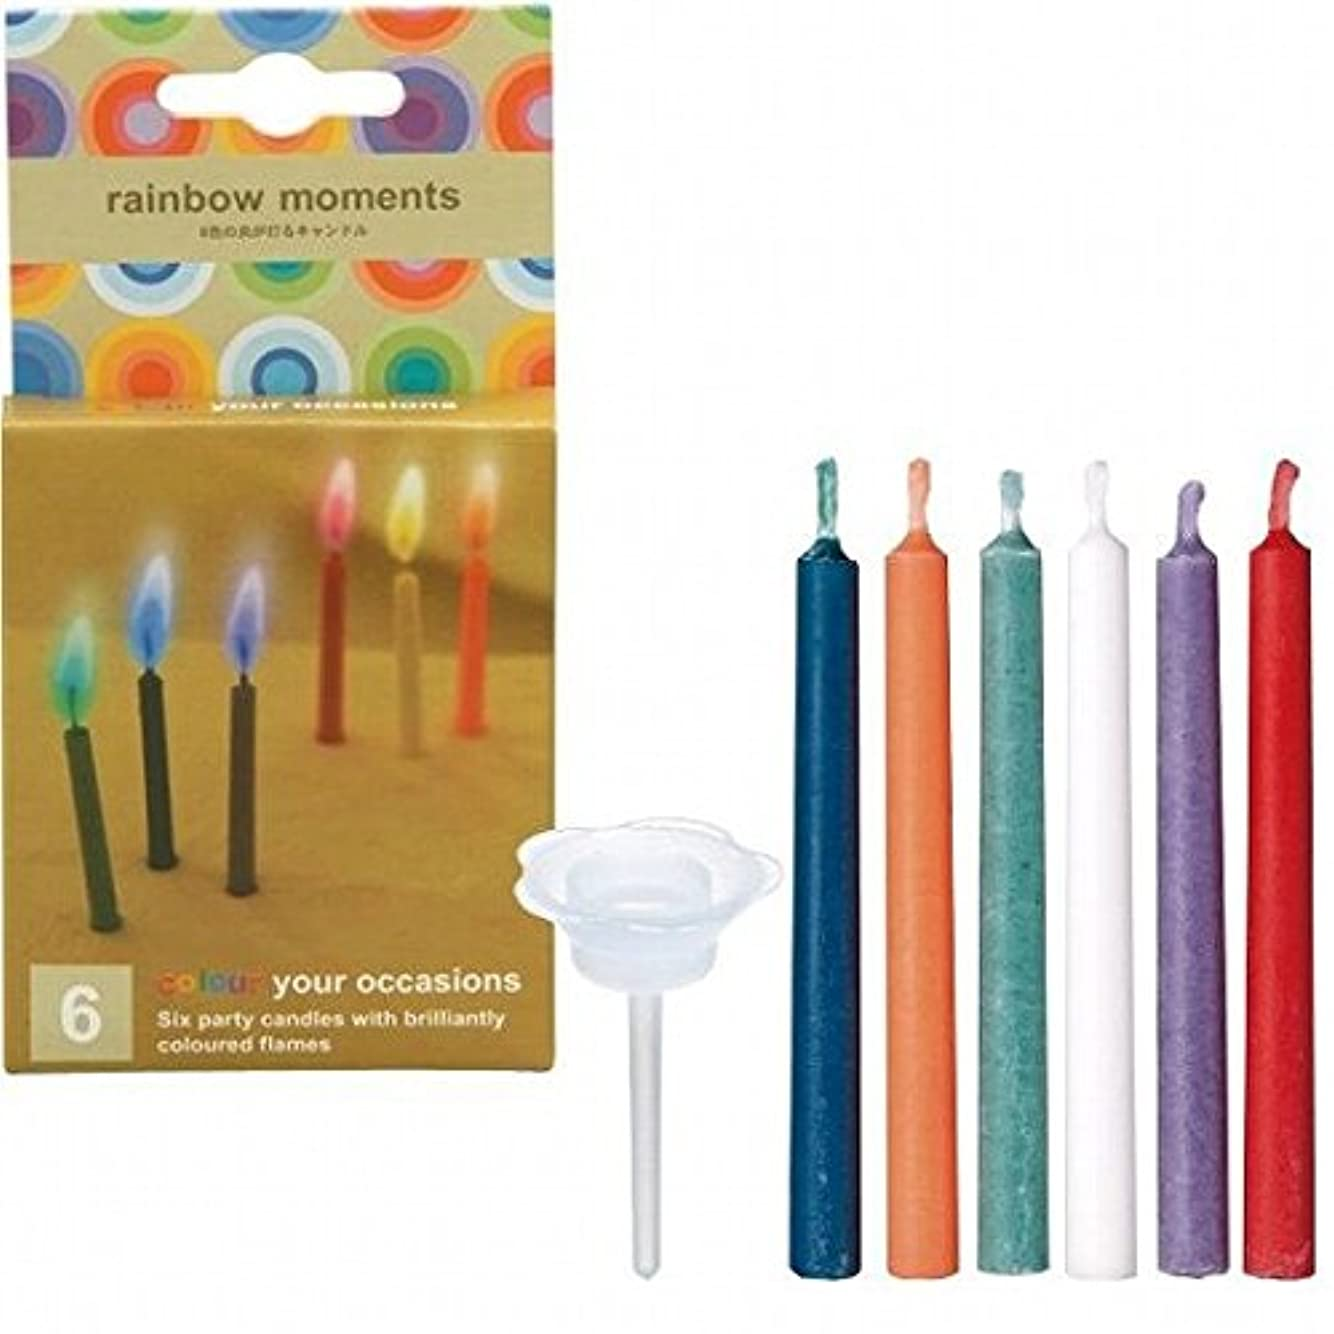 警官巻き戻す道を作るkameyama candle(カメヤマキャンドル) rainbowmoments(レインボーモーメント)6色6本入り 「 6本入り 」 キャンドル(56050000)